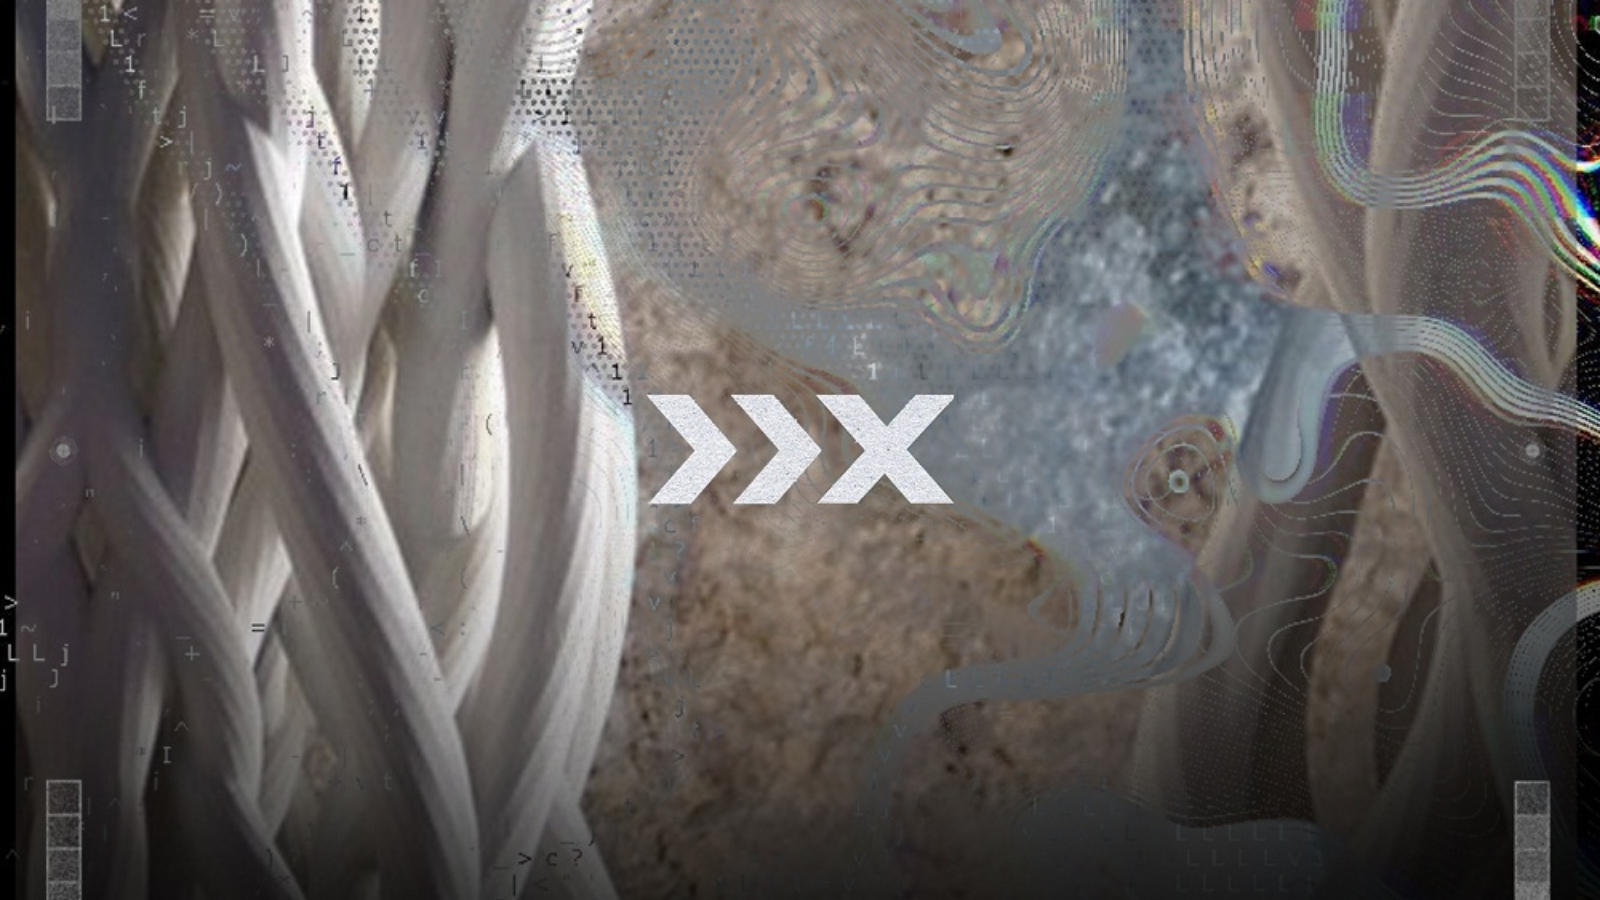 00-ARTSX022-Ecilo-Dub_Kapital-def1